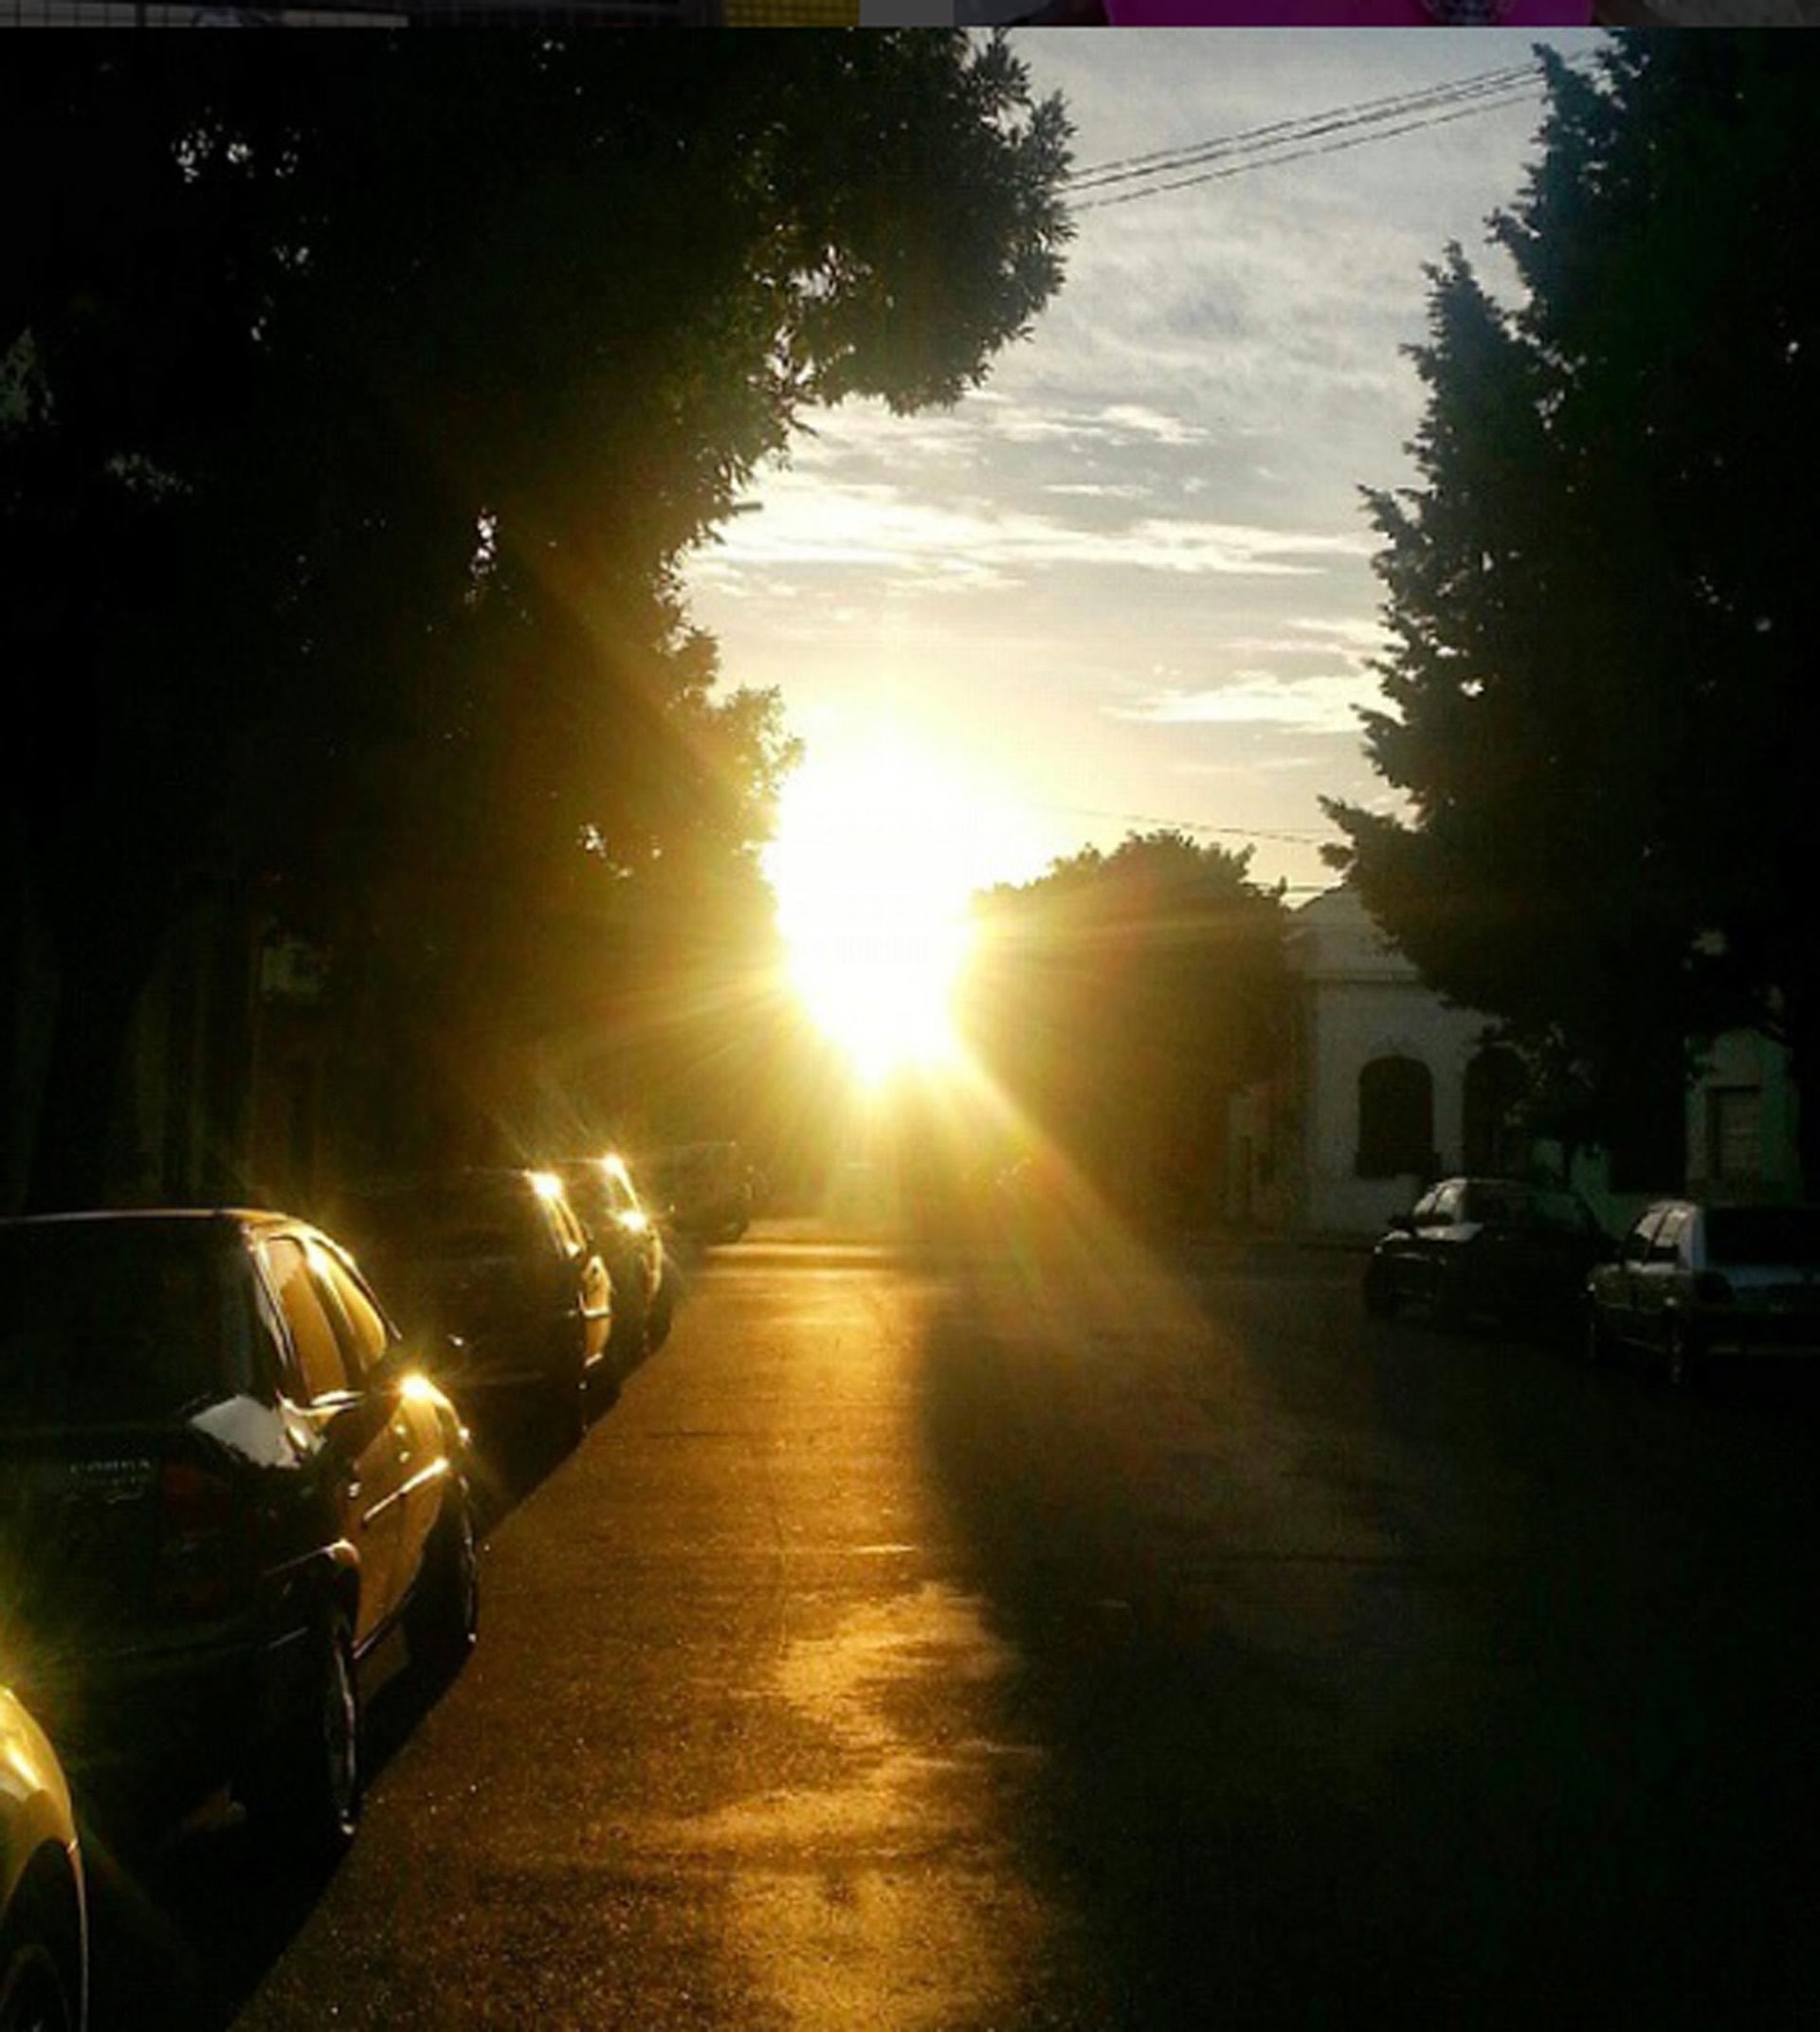 Decubrí este amanecer camino al trabajo. Privilegio